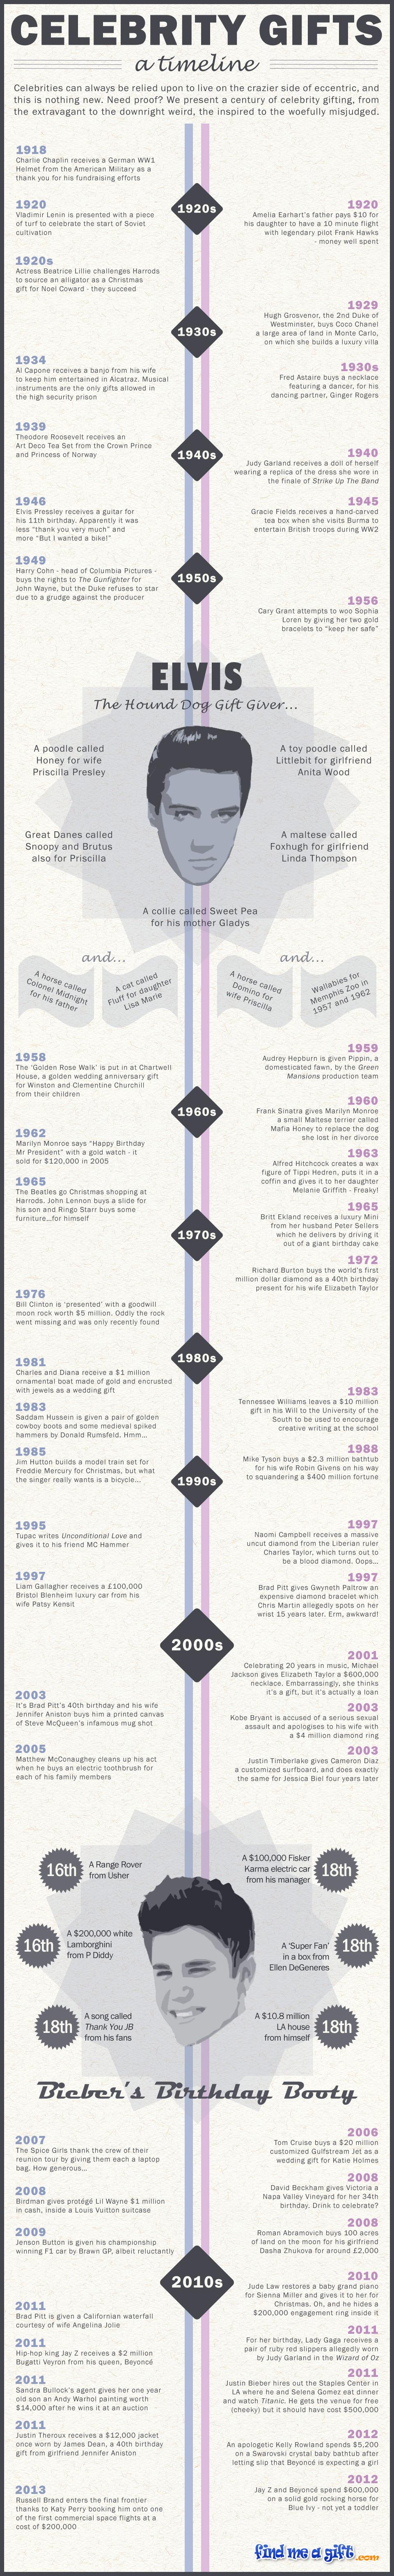 Celebrity Gifts: A Timeline